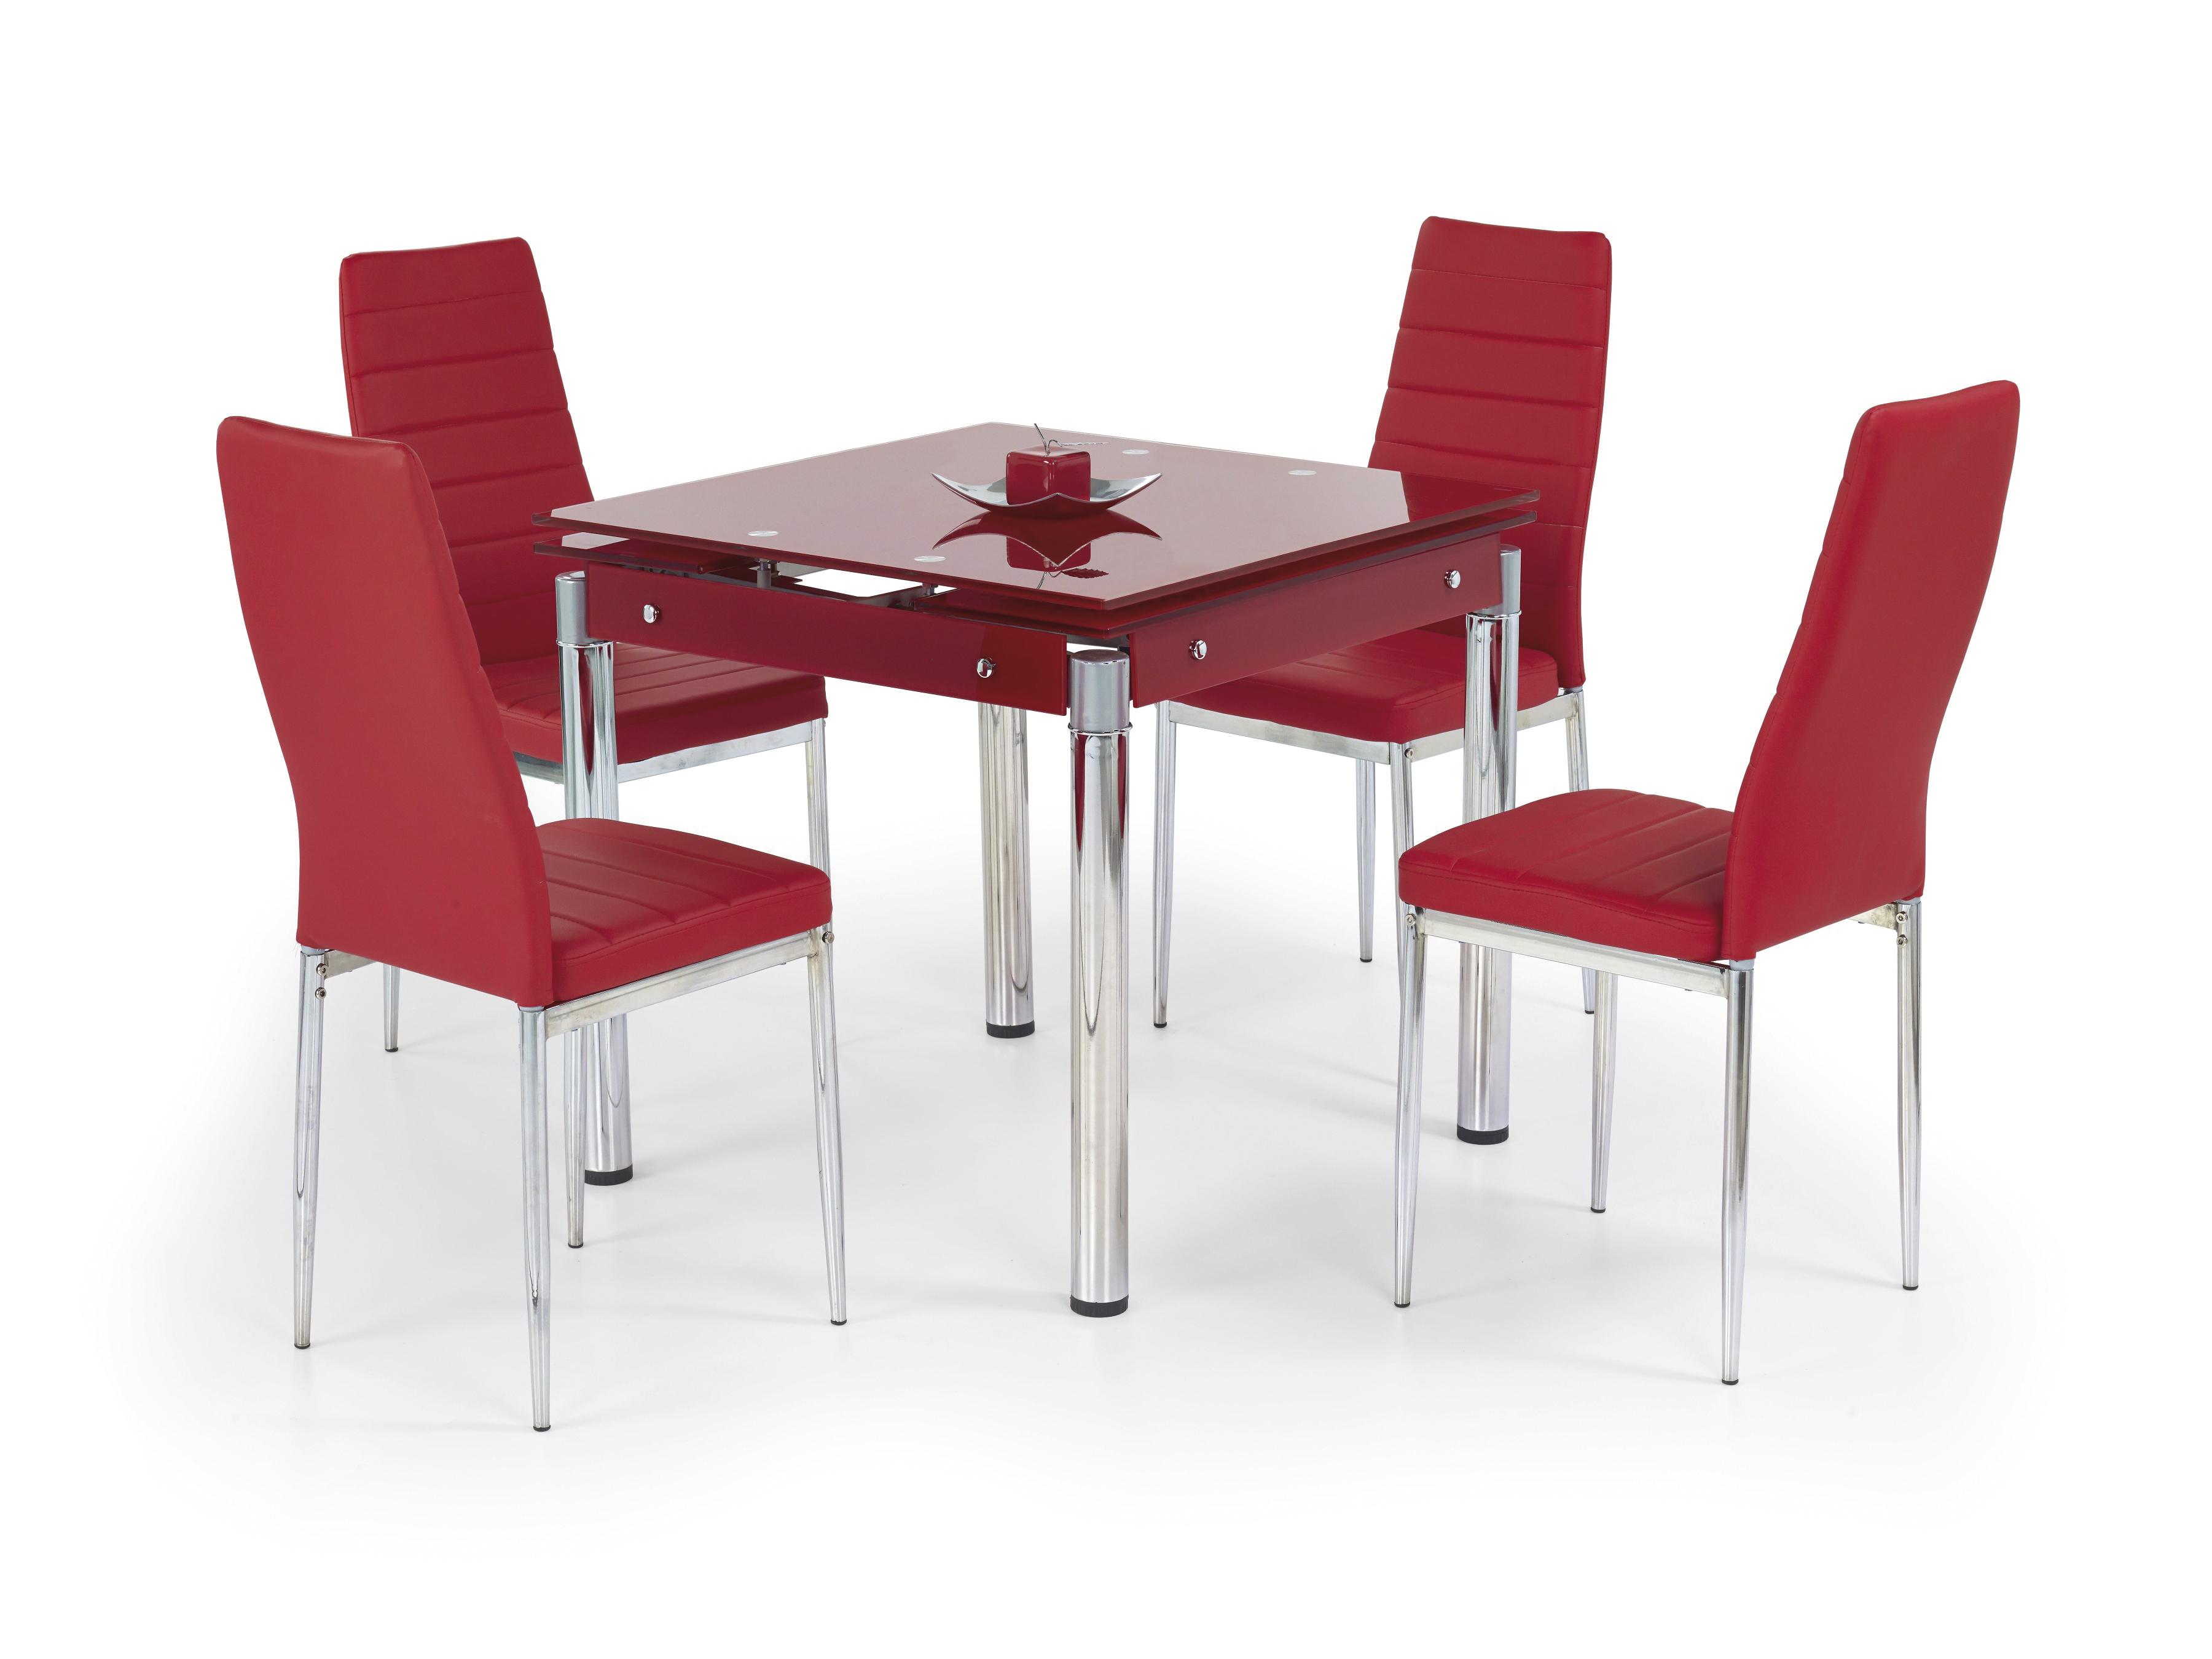 Jedálenský stôl - Halmar - Kent červená (pre 4 osoby). Sme autorizovaný predajca Halmar. Vlastná spoľahlivá doprava až k Vám domov.